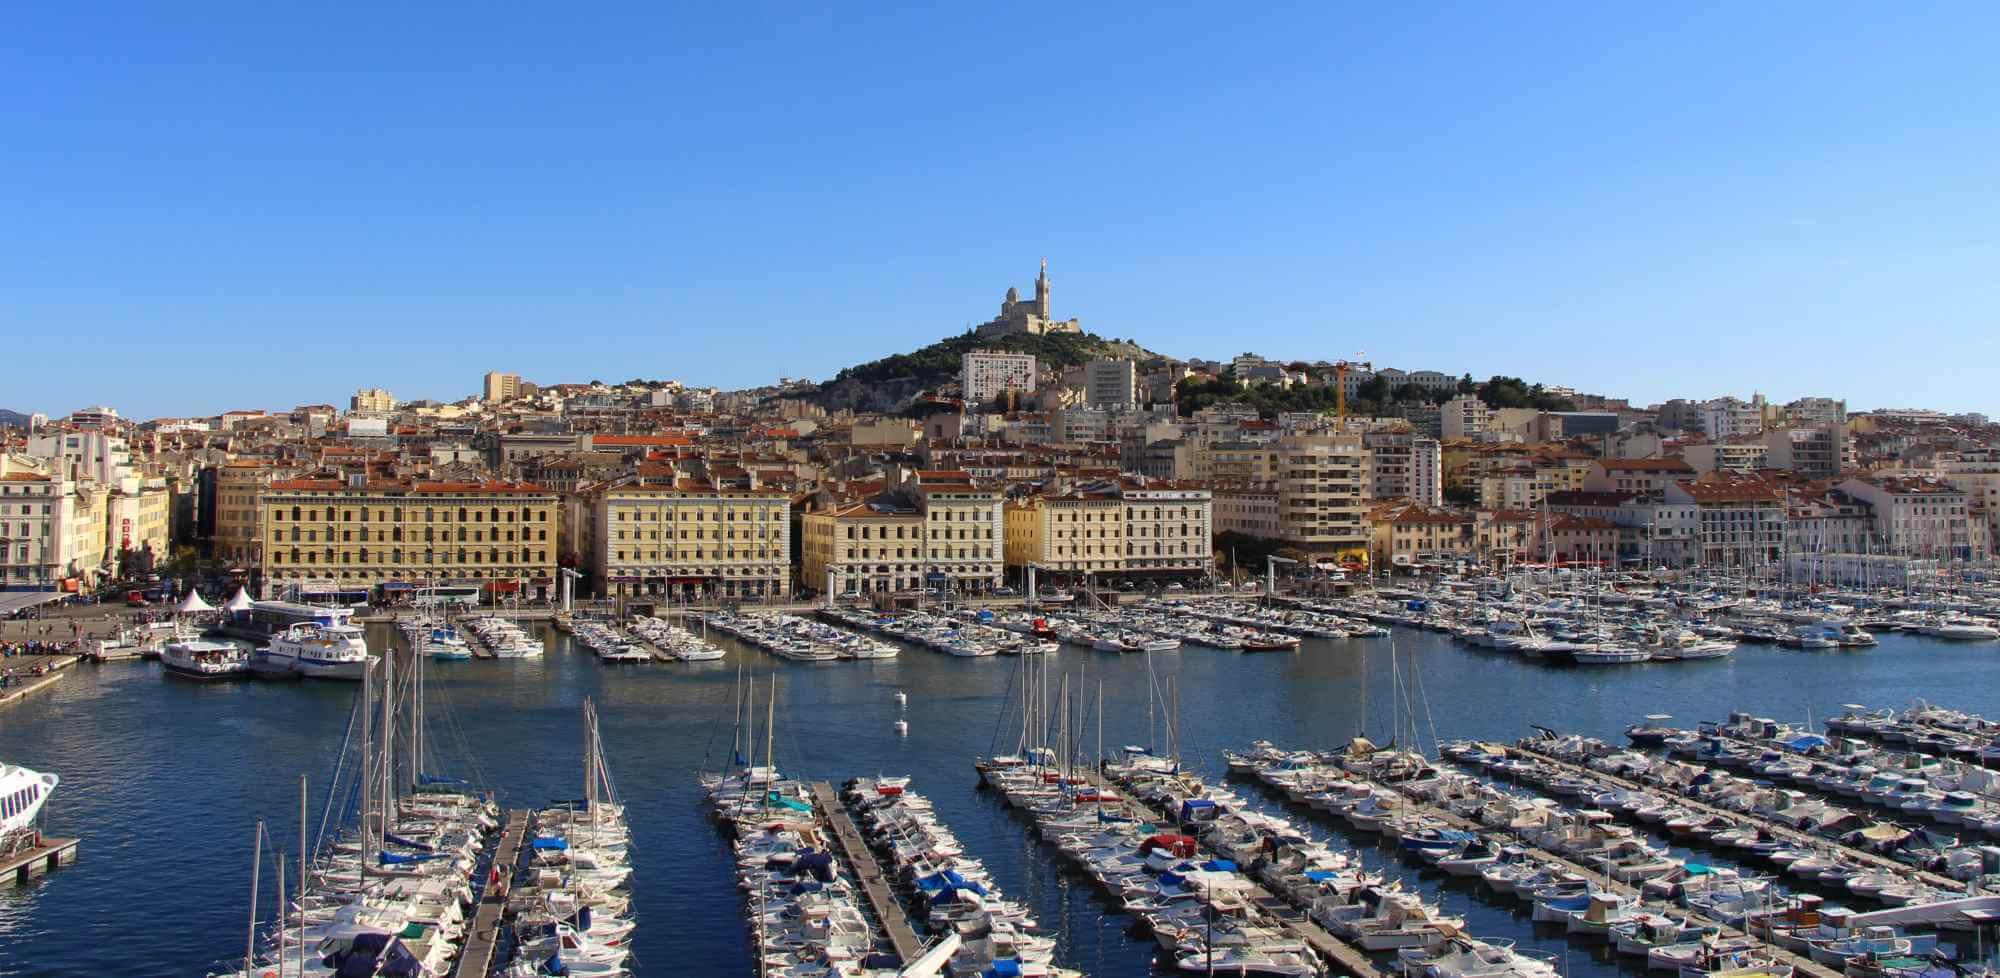 Marseille-Vieux-Port-panoramique-vu-de-La-Residence-Notre-Dame-de-la-Garde